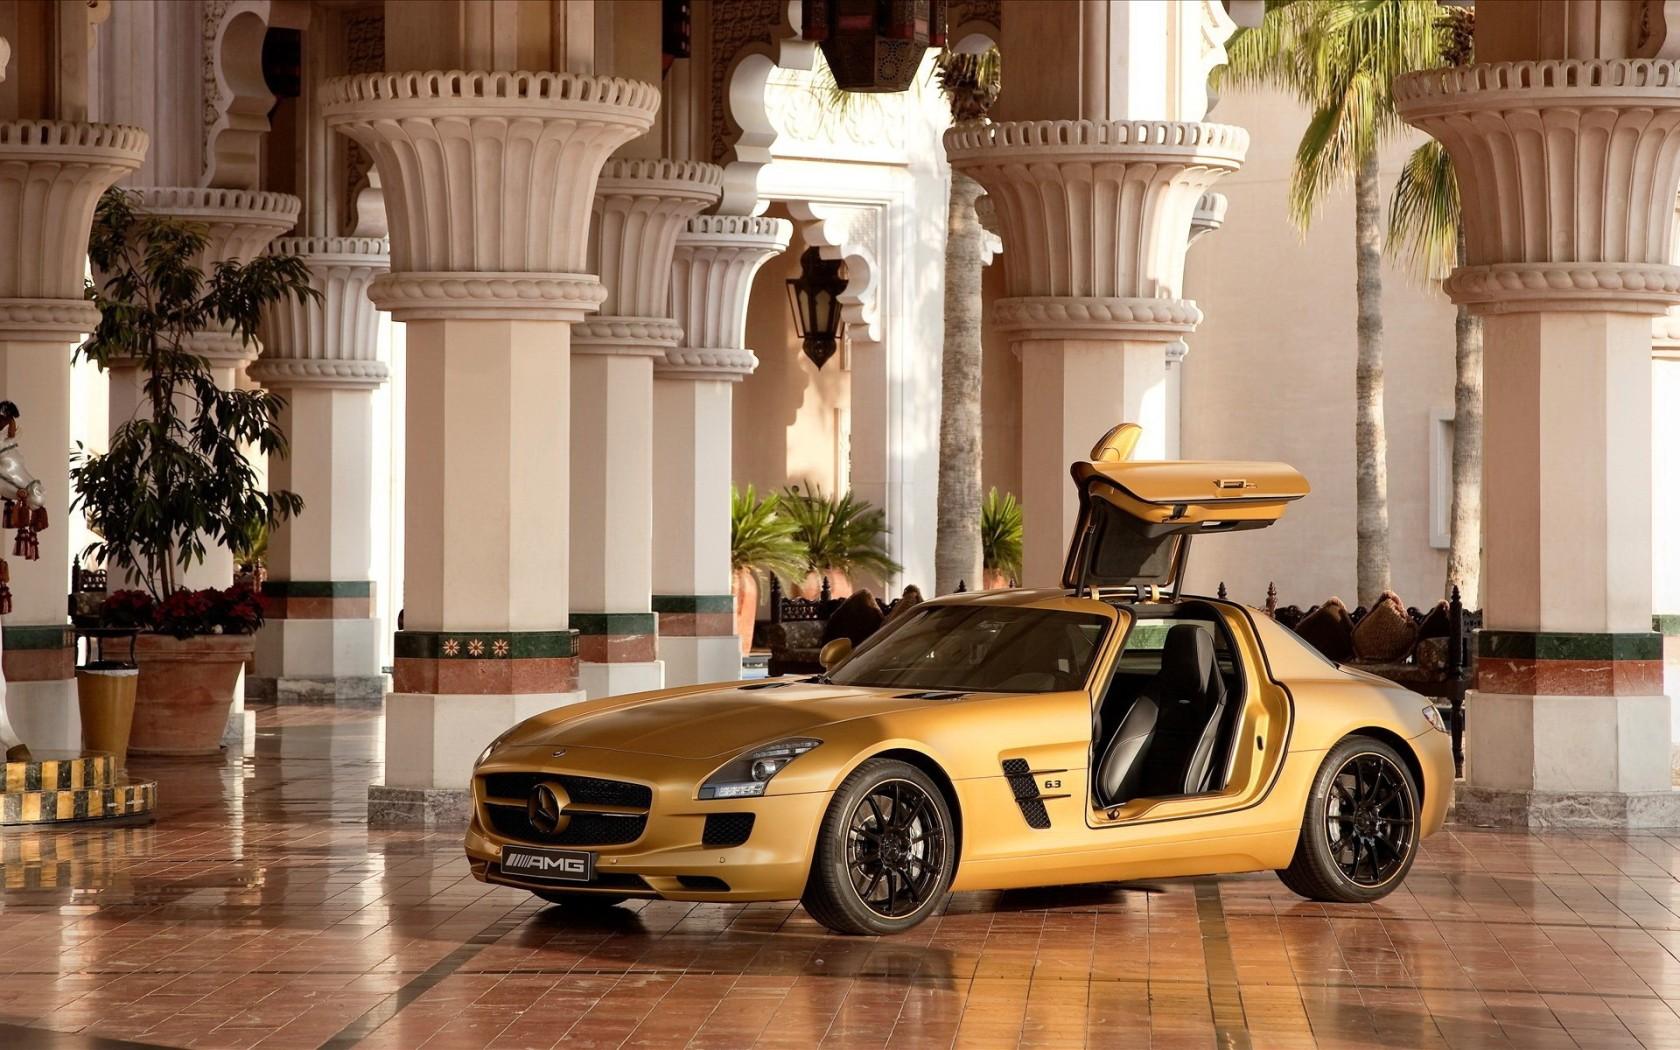 Mercedes Benz Images Mercedes Benz Sls Amg Gold Hd Wallpaper And